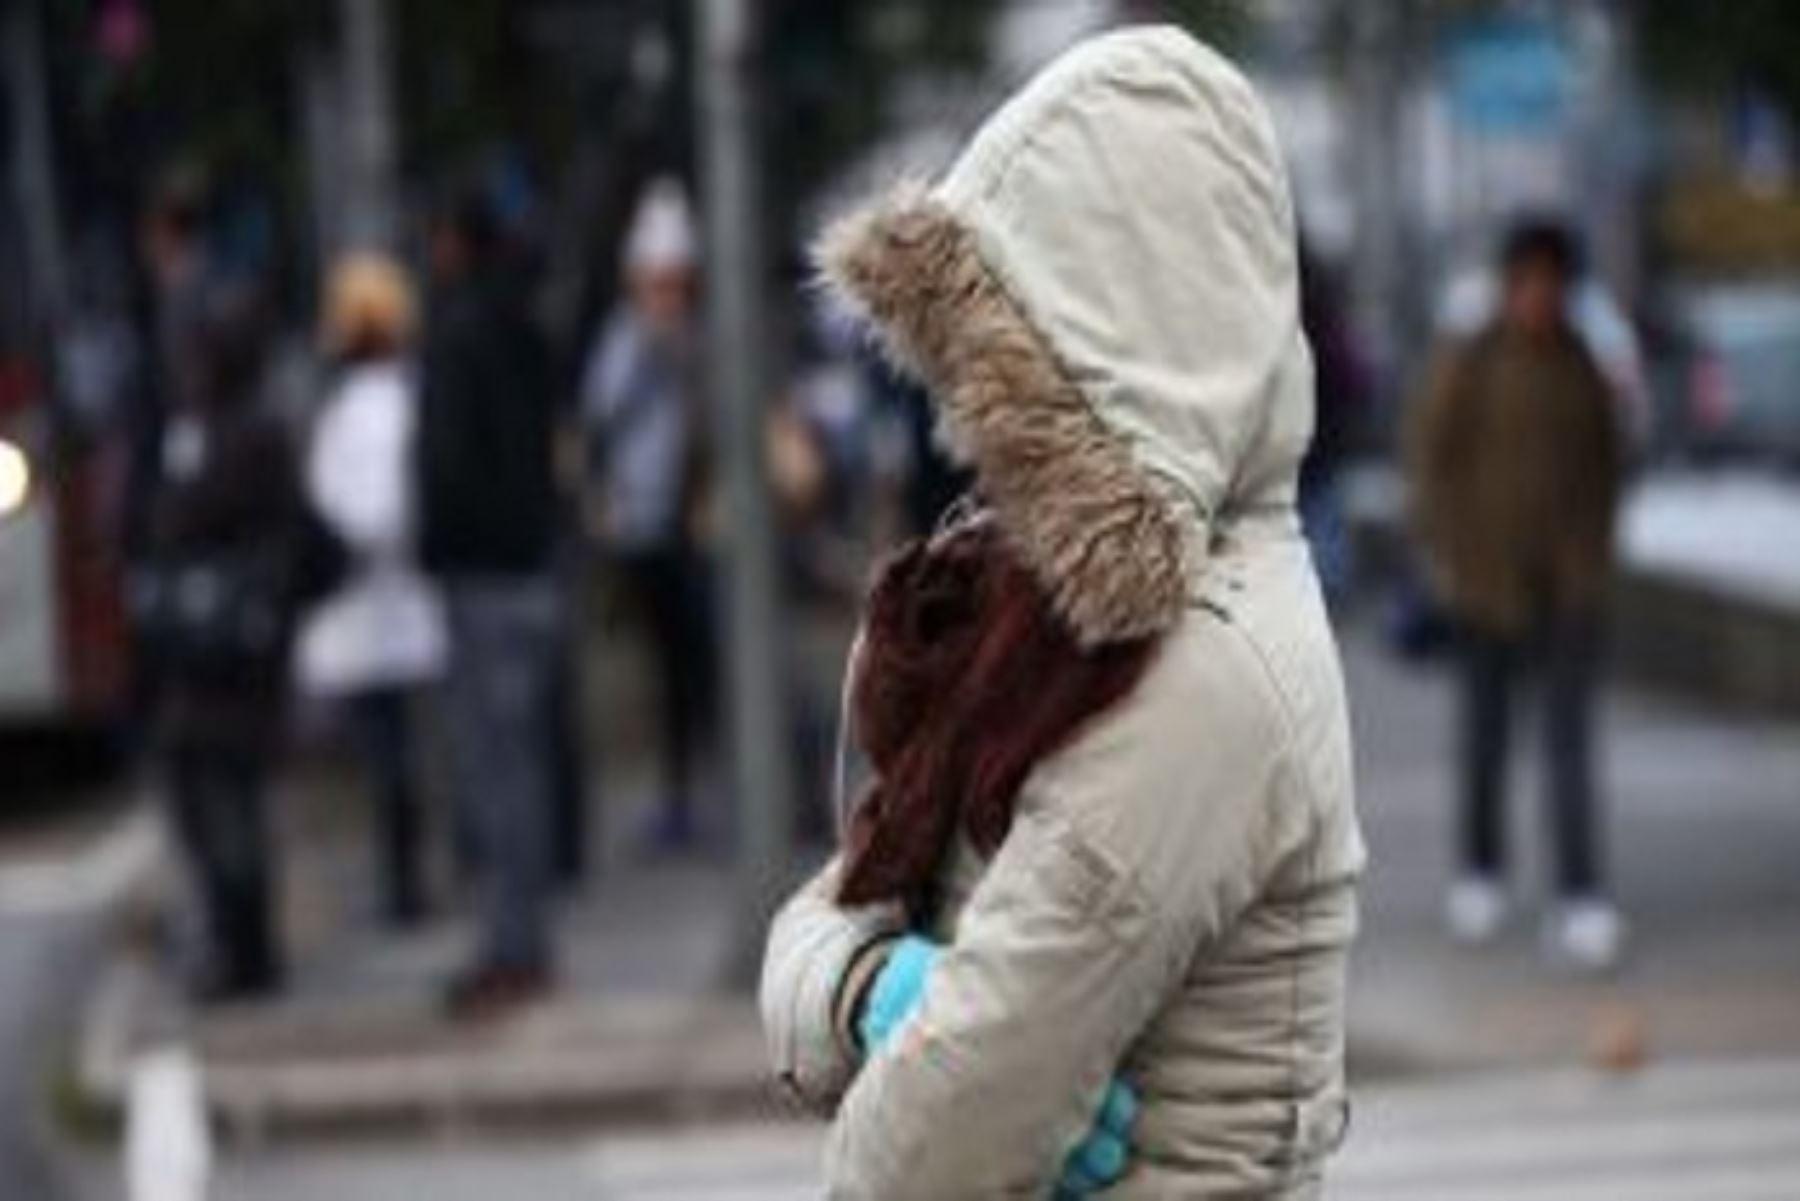 En zonas costeras sensación térmica de frío es mayor por alta humedad